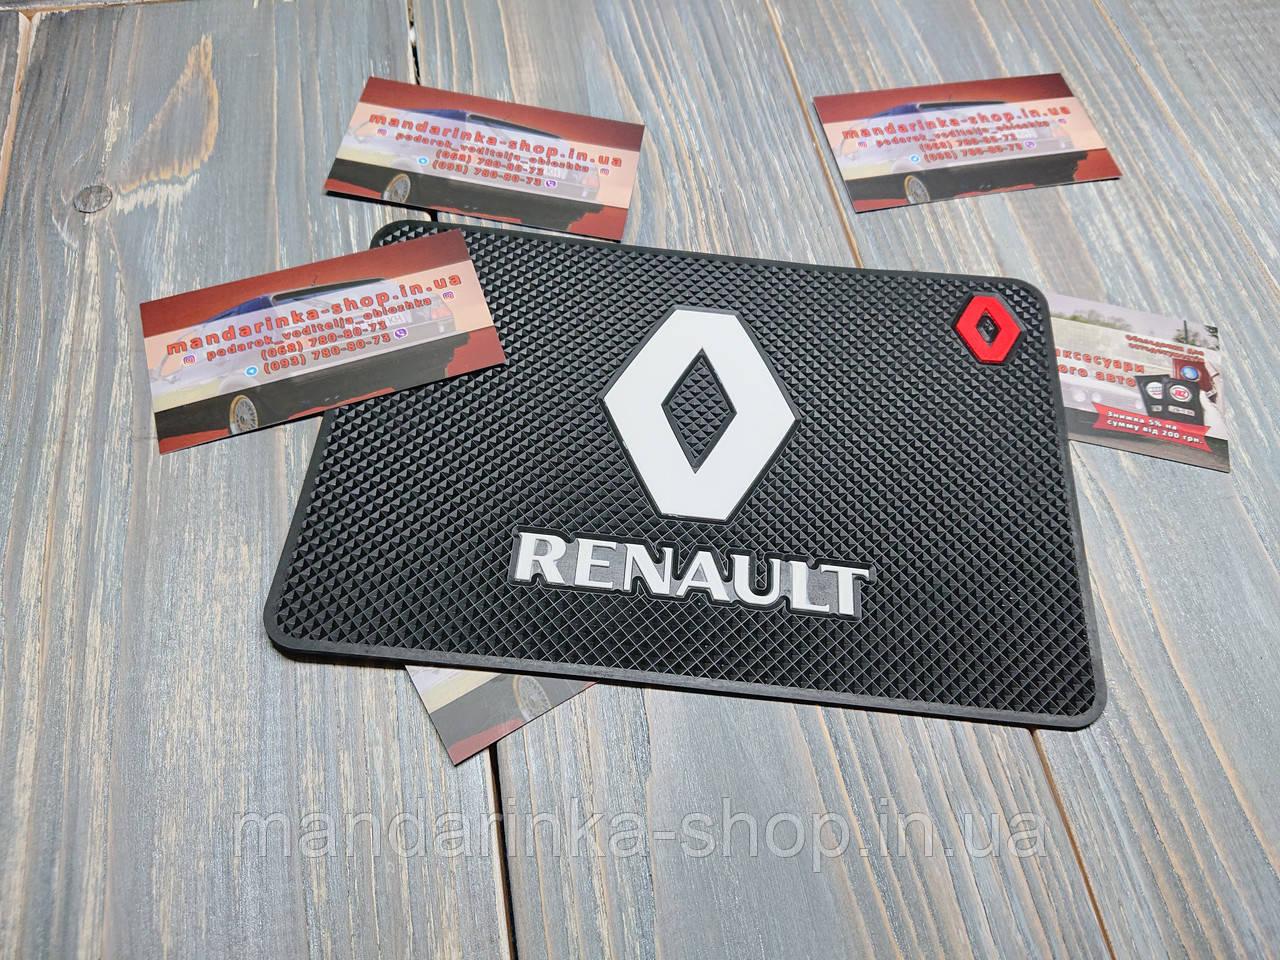 Антиковзаючий килимок на панель авто Renault (Рено)